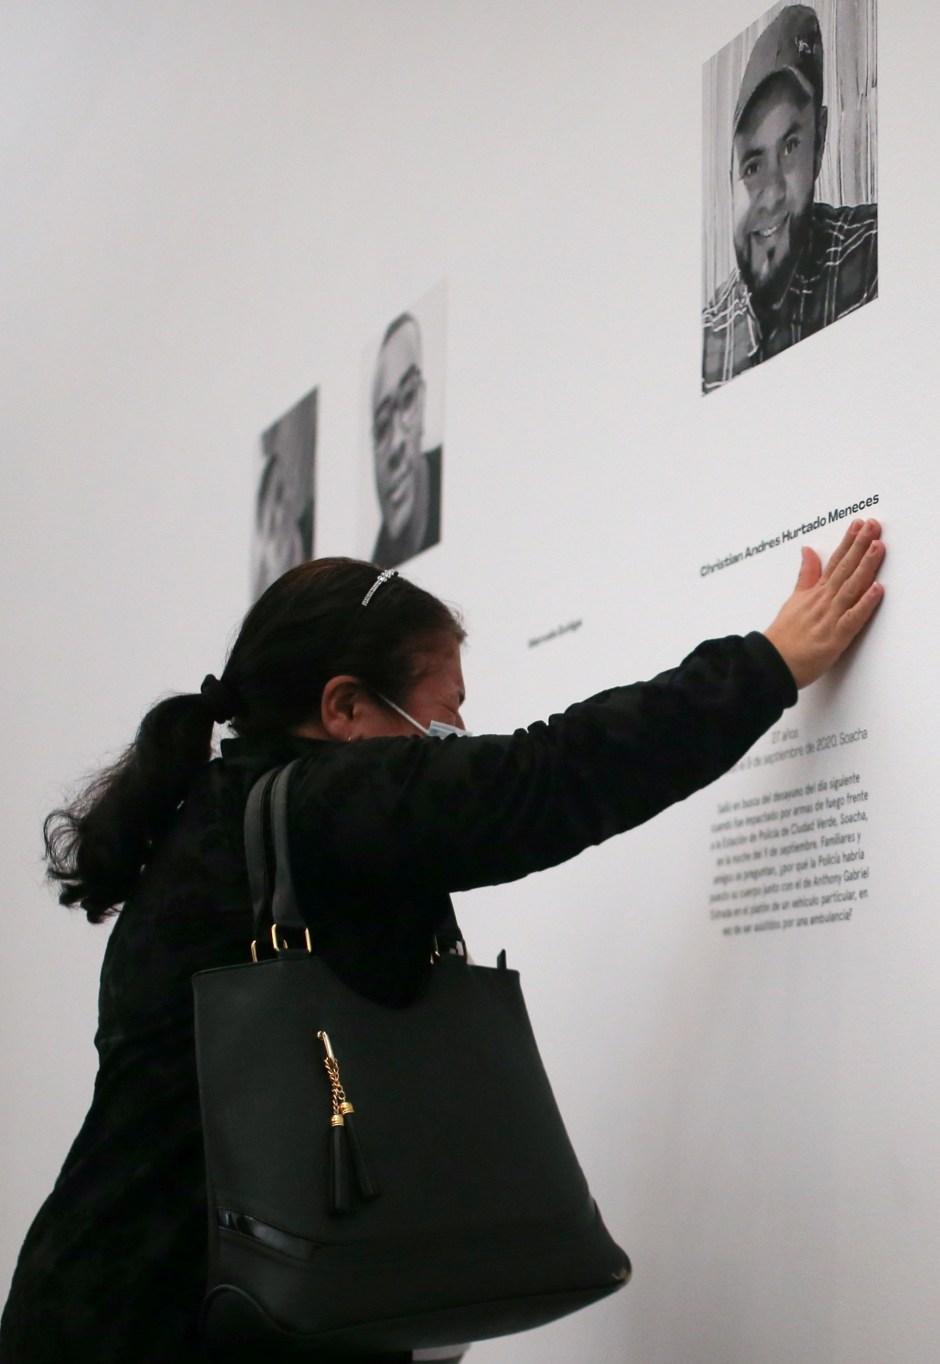 """María Helena Meneces, madre de Cristhian Hurtado Meneces, quien murió en las protestas contra la brutalidad policial en 2020, llora frente a la fotografía de su hijo en la instalación artística """"Vidas Robadas"""" en Bogotá, Colombia el 2 de junio de 2021. REUTERS / Luisa González"""